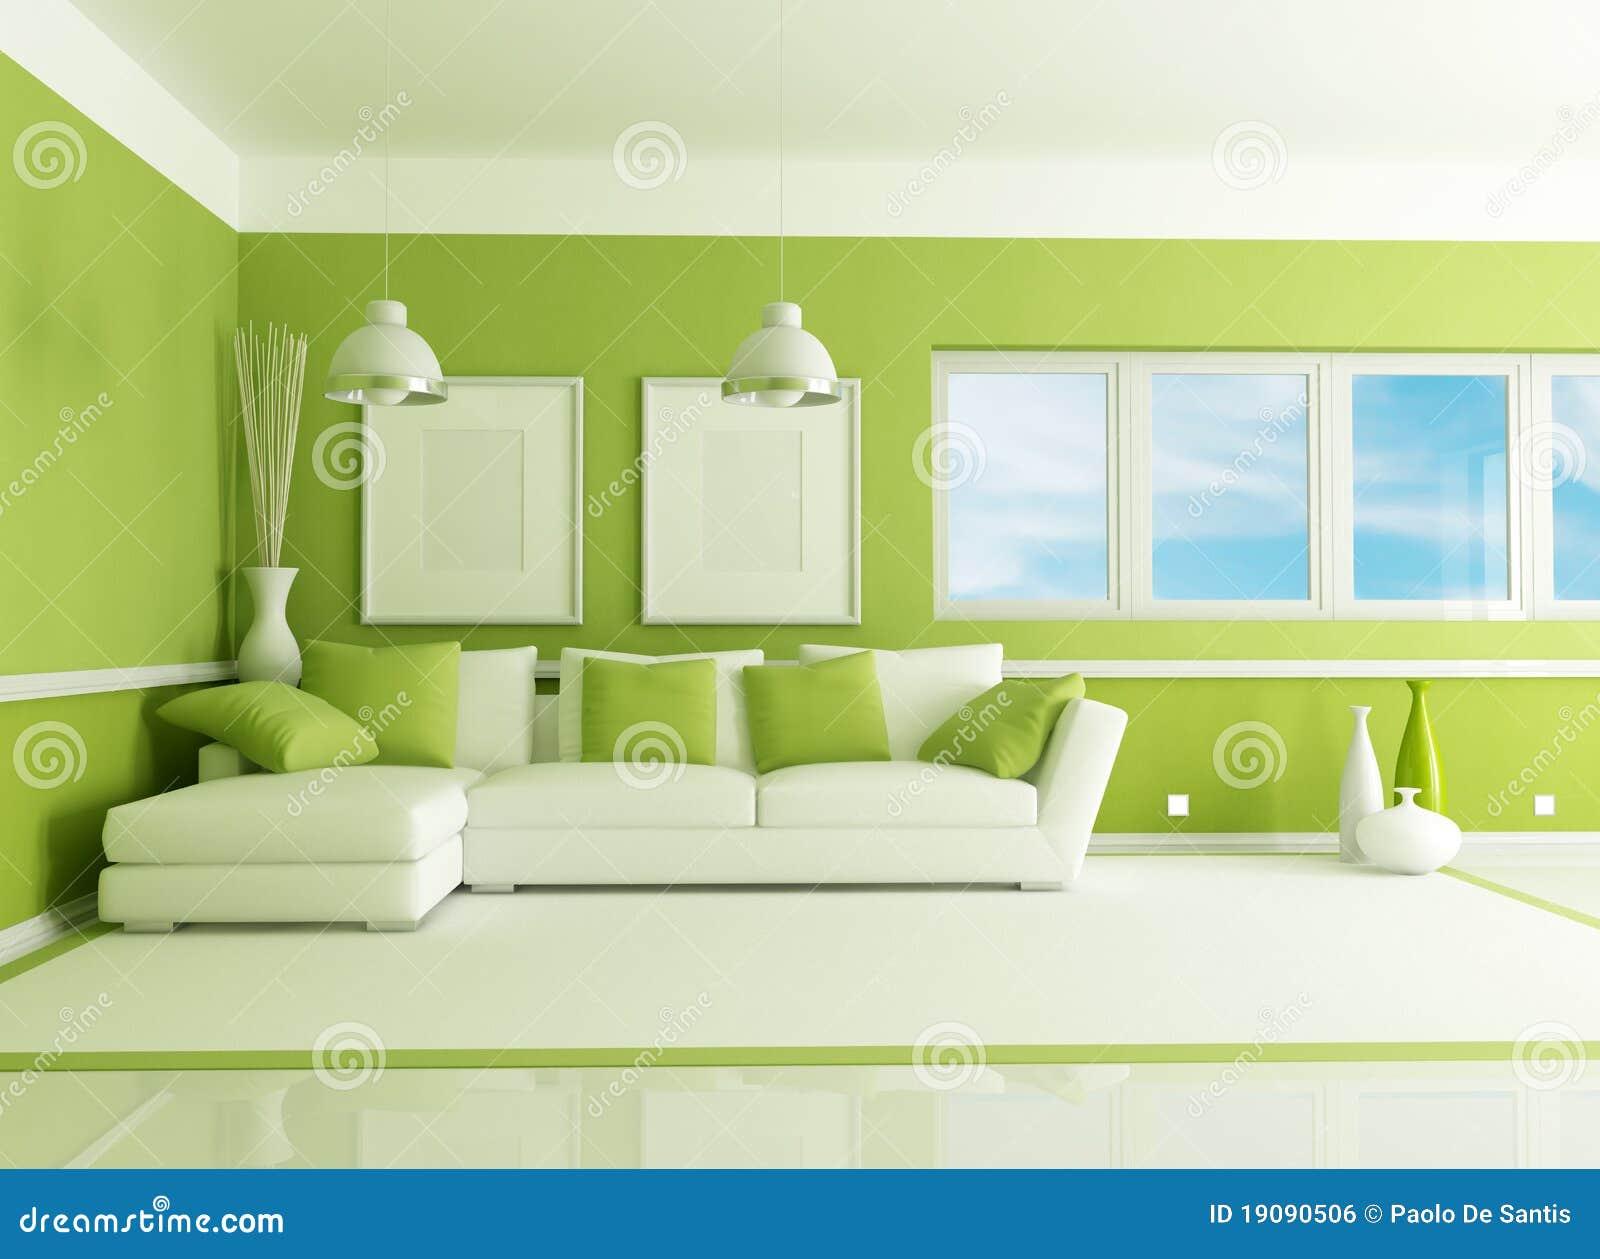 Sala De Estar Verde ~ Sala De Estar Verde Imagen de archivo libre de regalías  Imagen